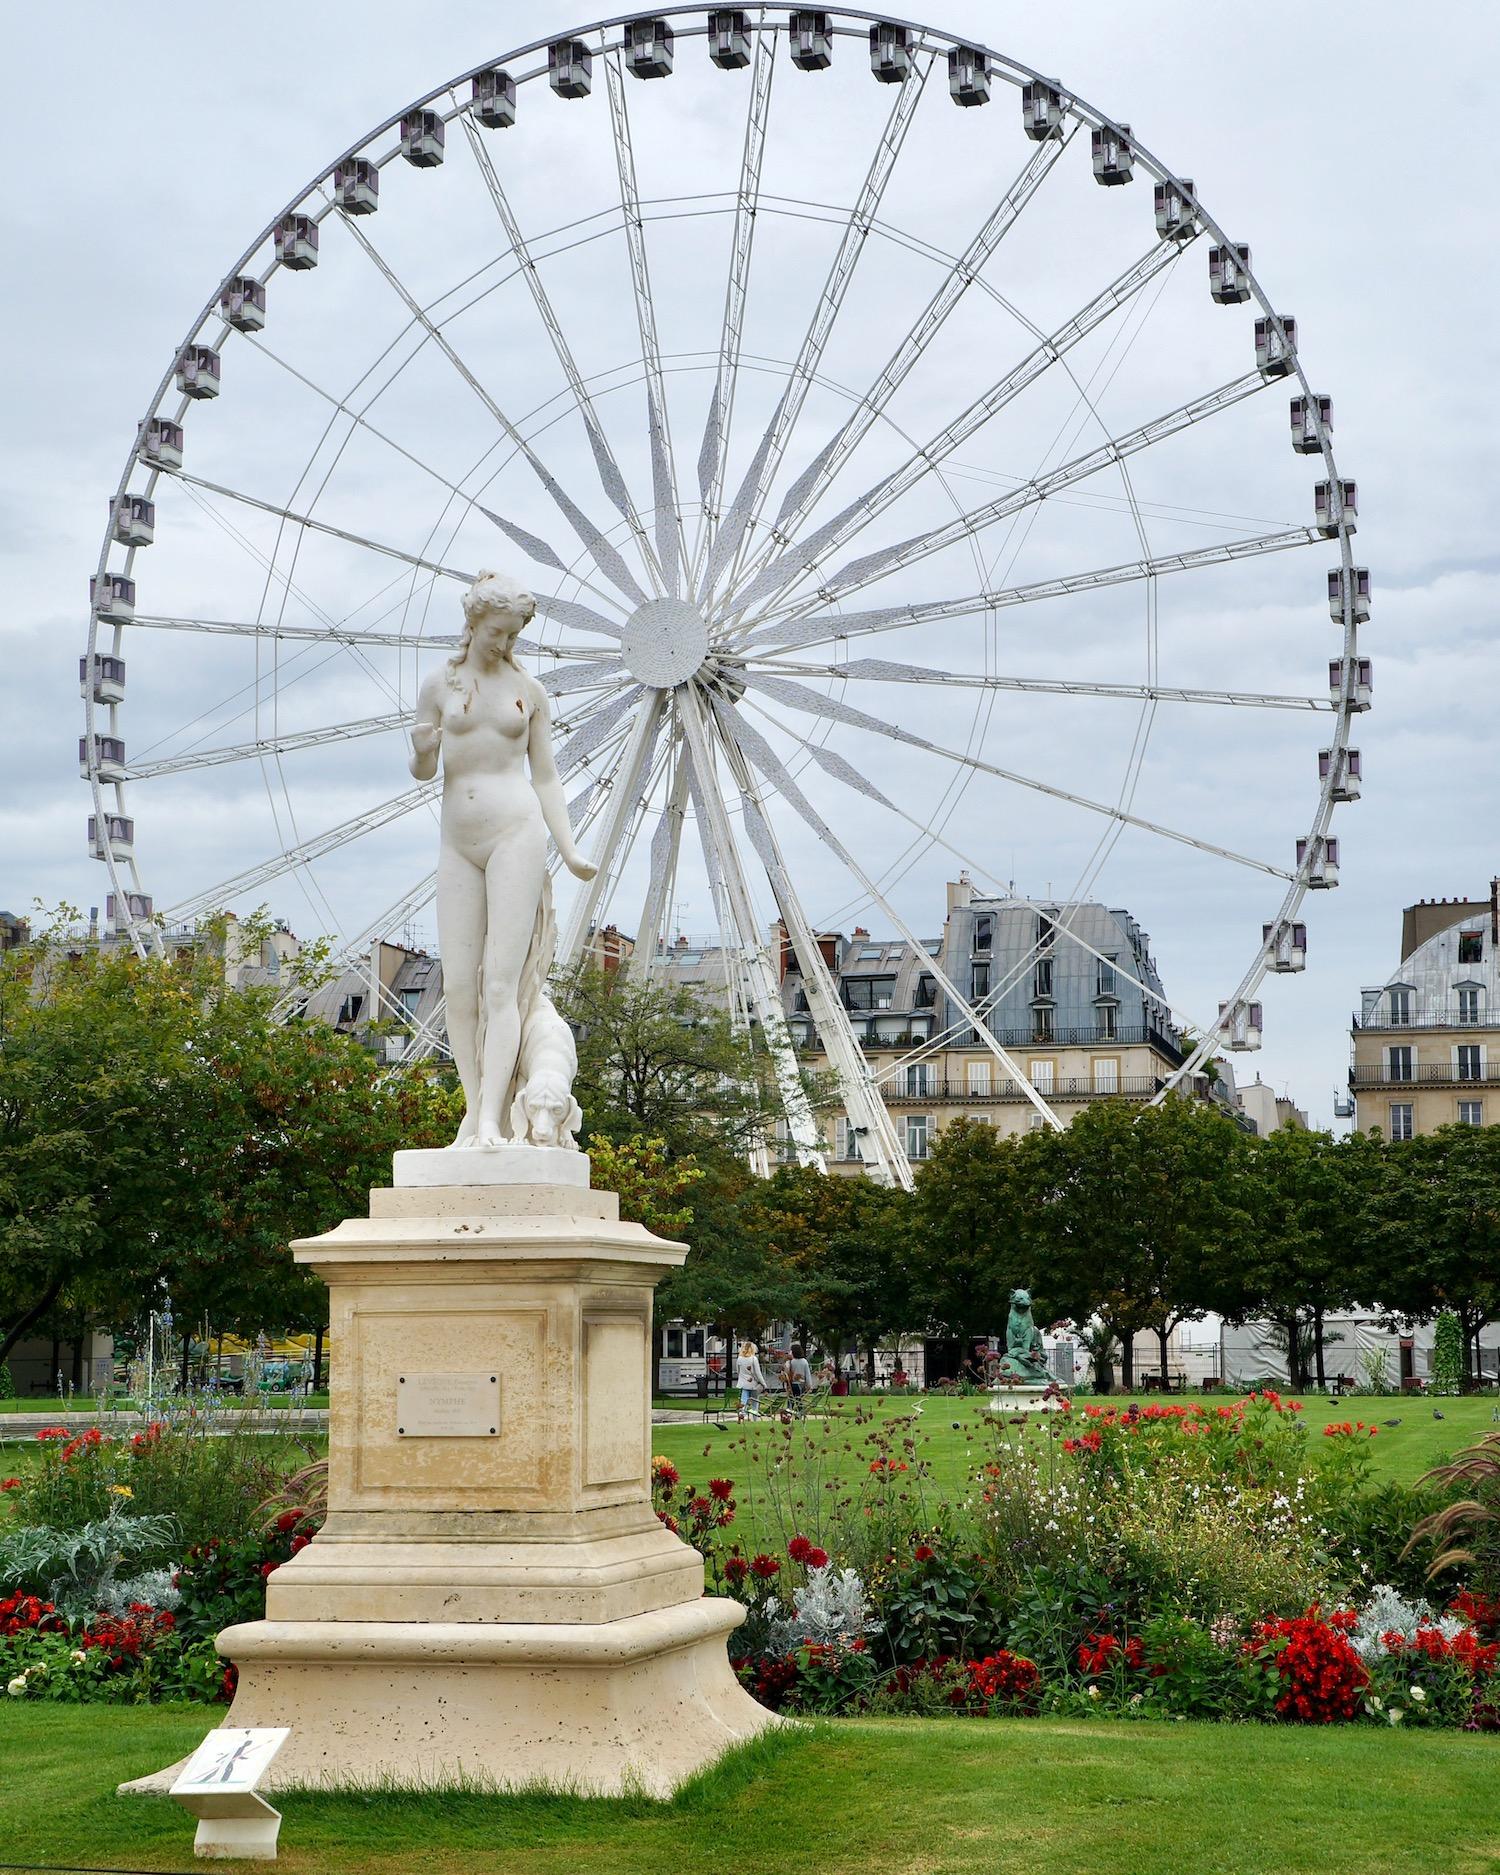 Paris ferris wheel sculpture